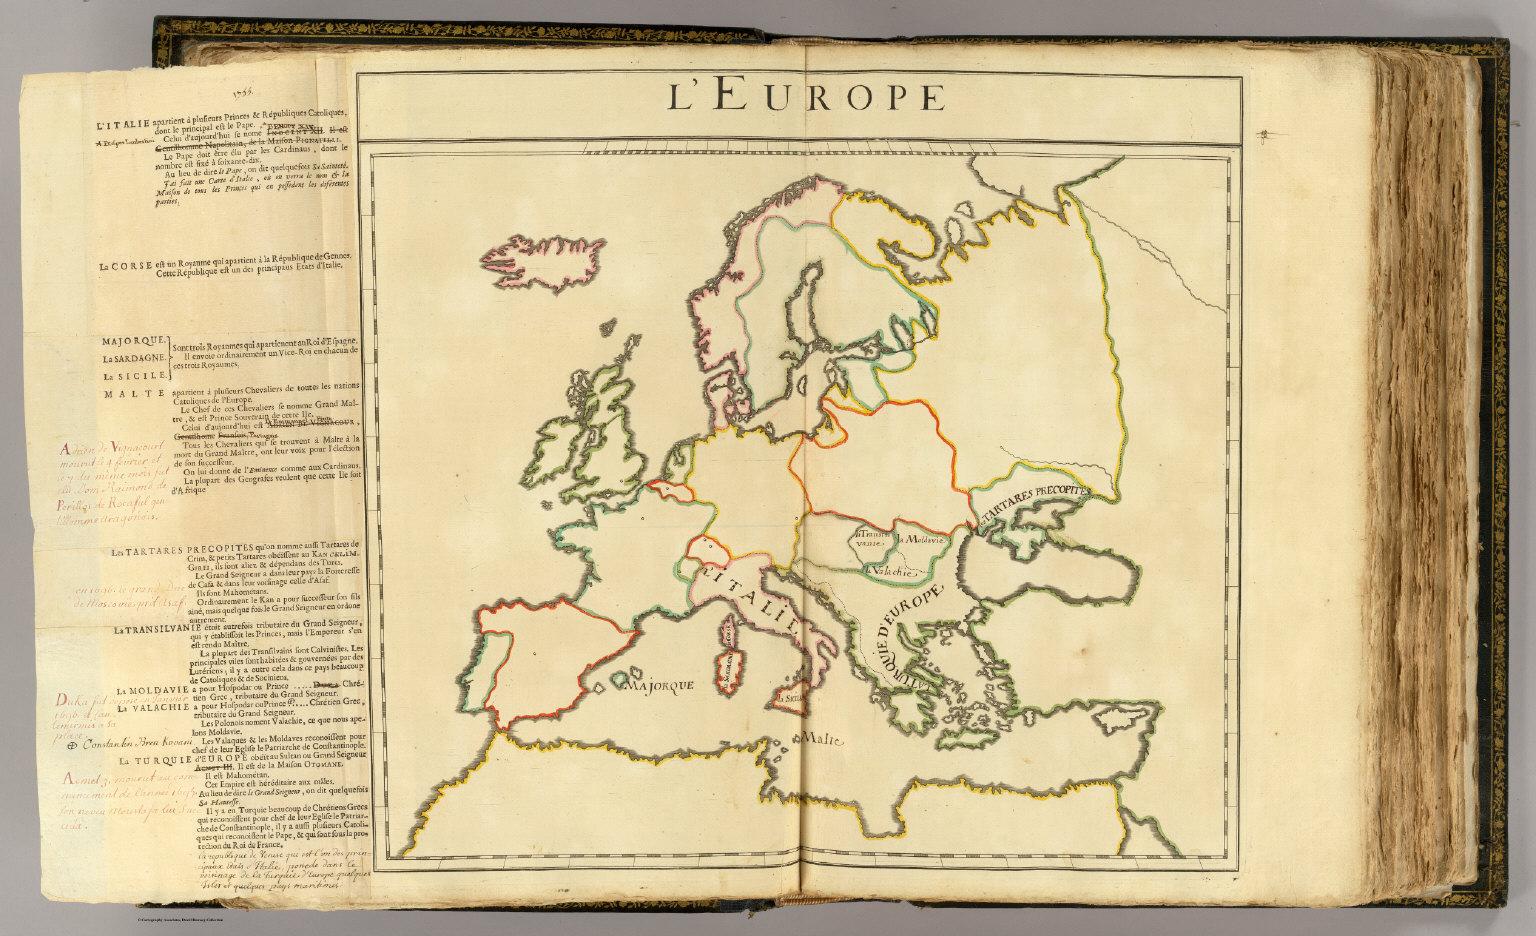 Lu0027Europe (nom, Maison, Religion, Etc. Des Souverains)